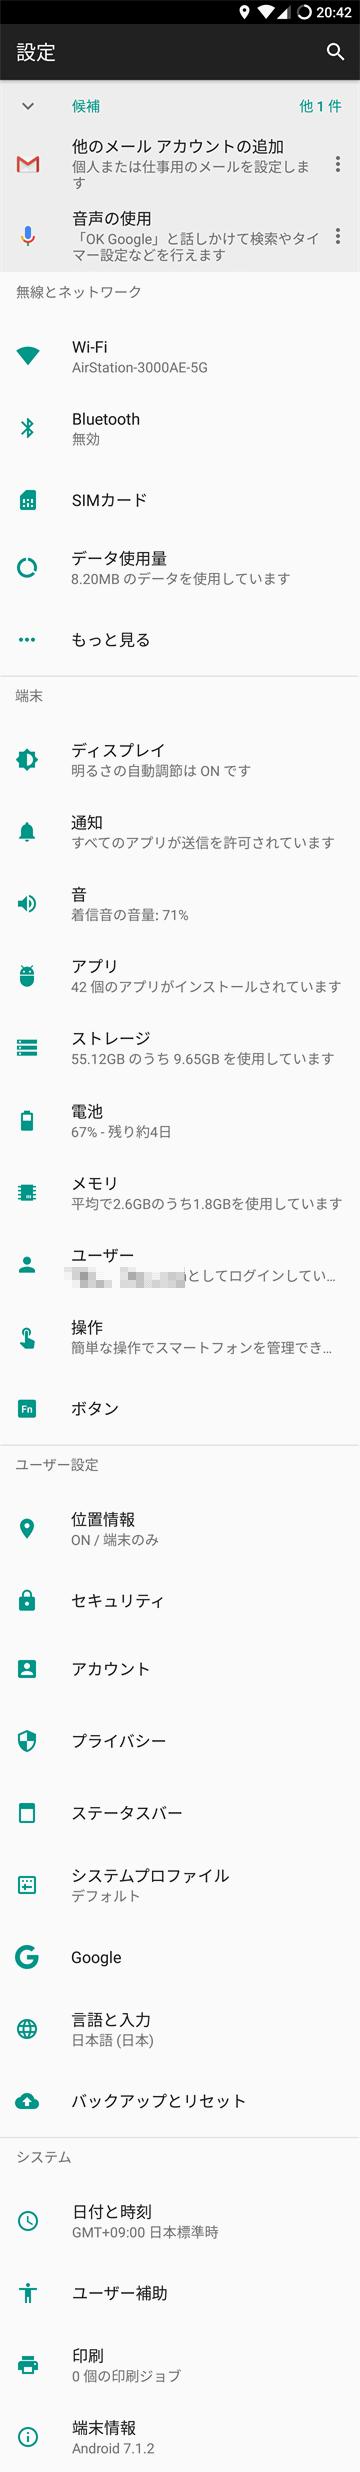 LineageOSの設定メニュー